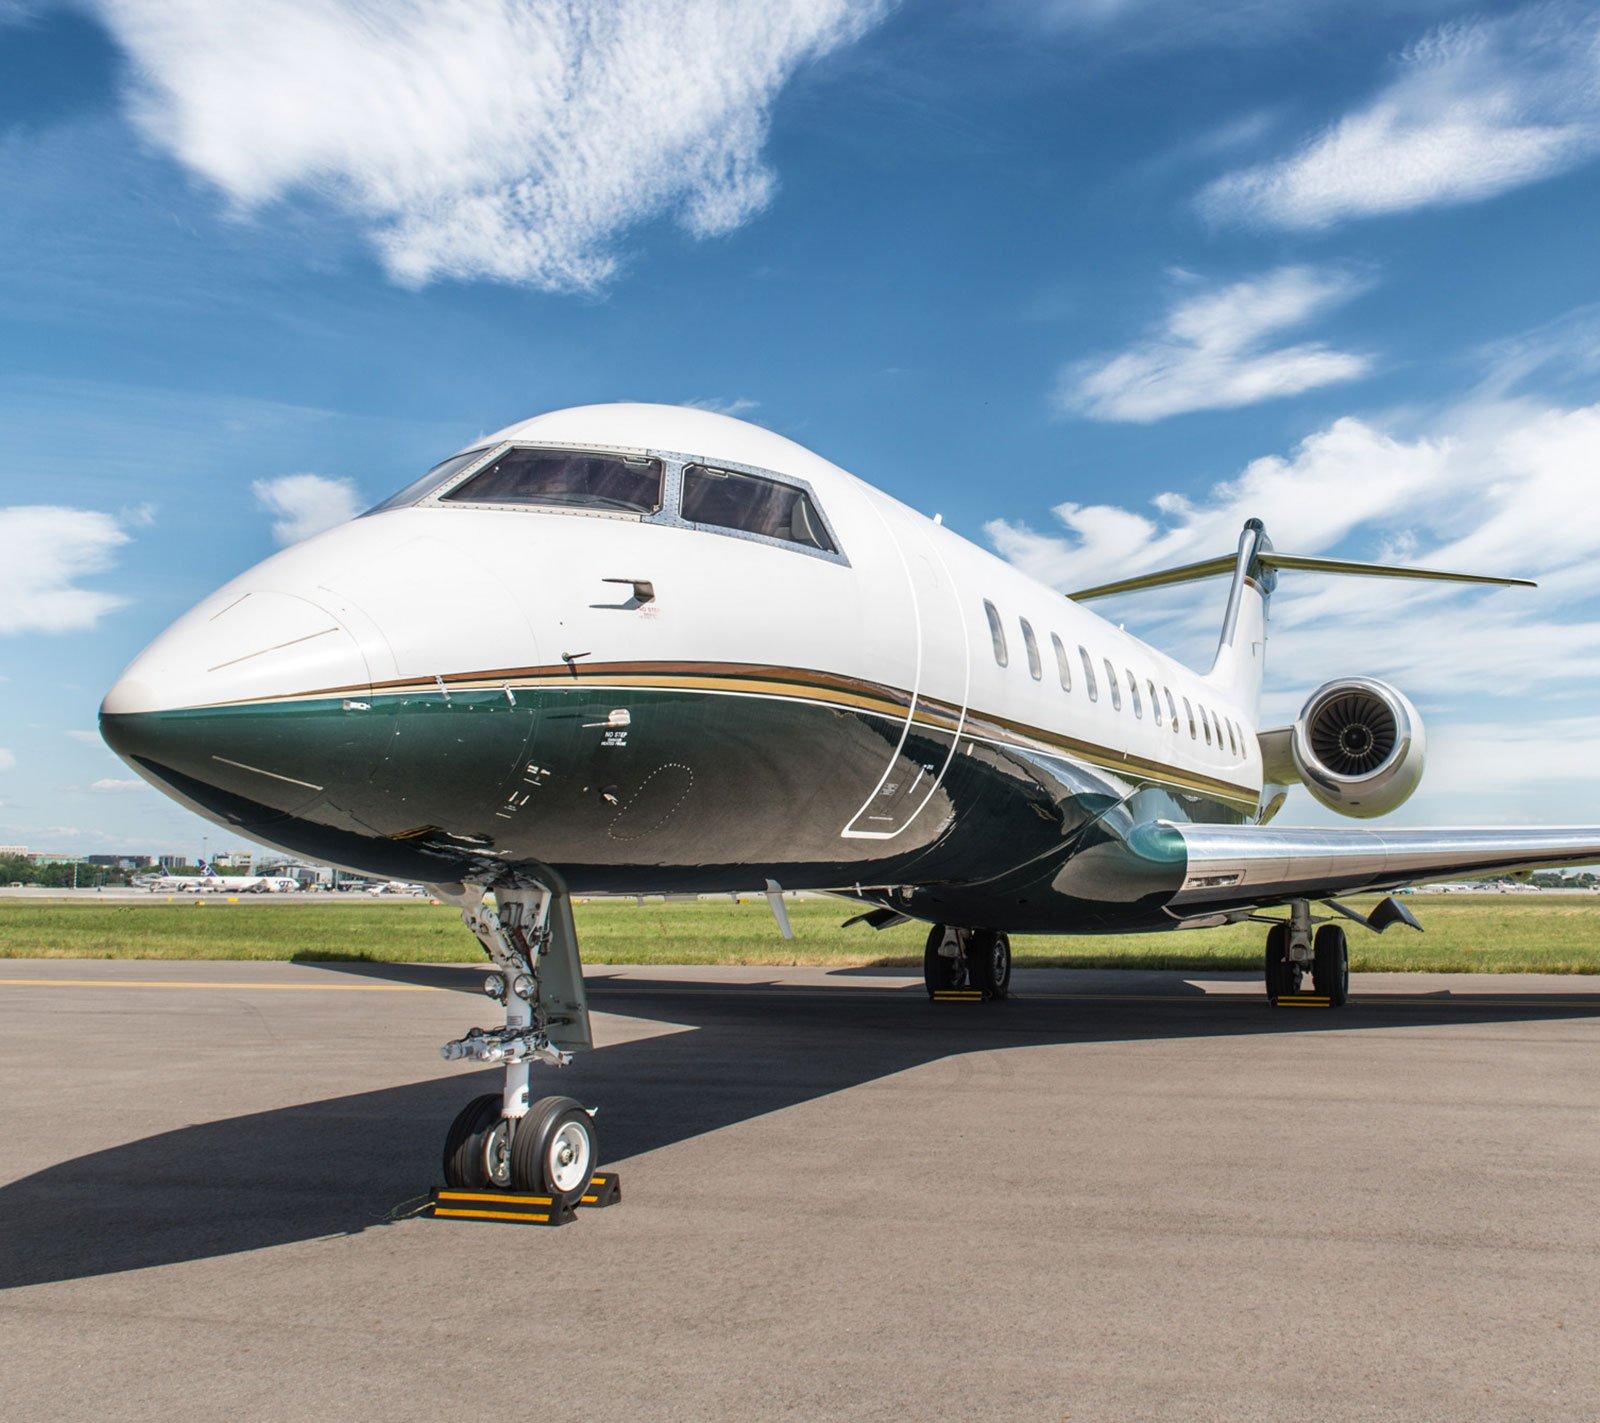 Саакашвили увез борт польской авиакомпании Jet Story. Фото: jetstory.com